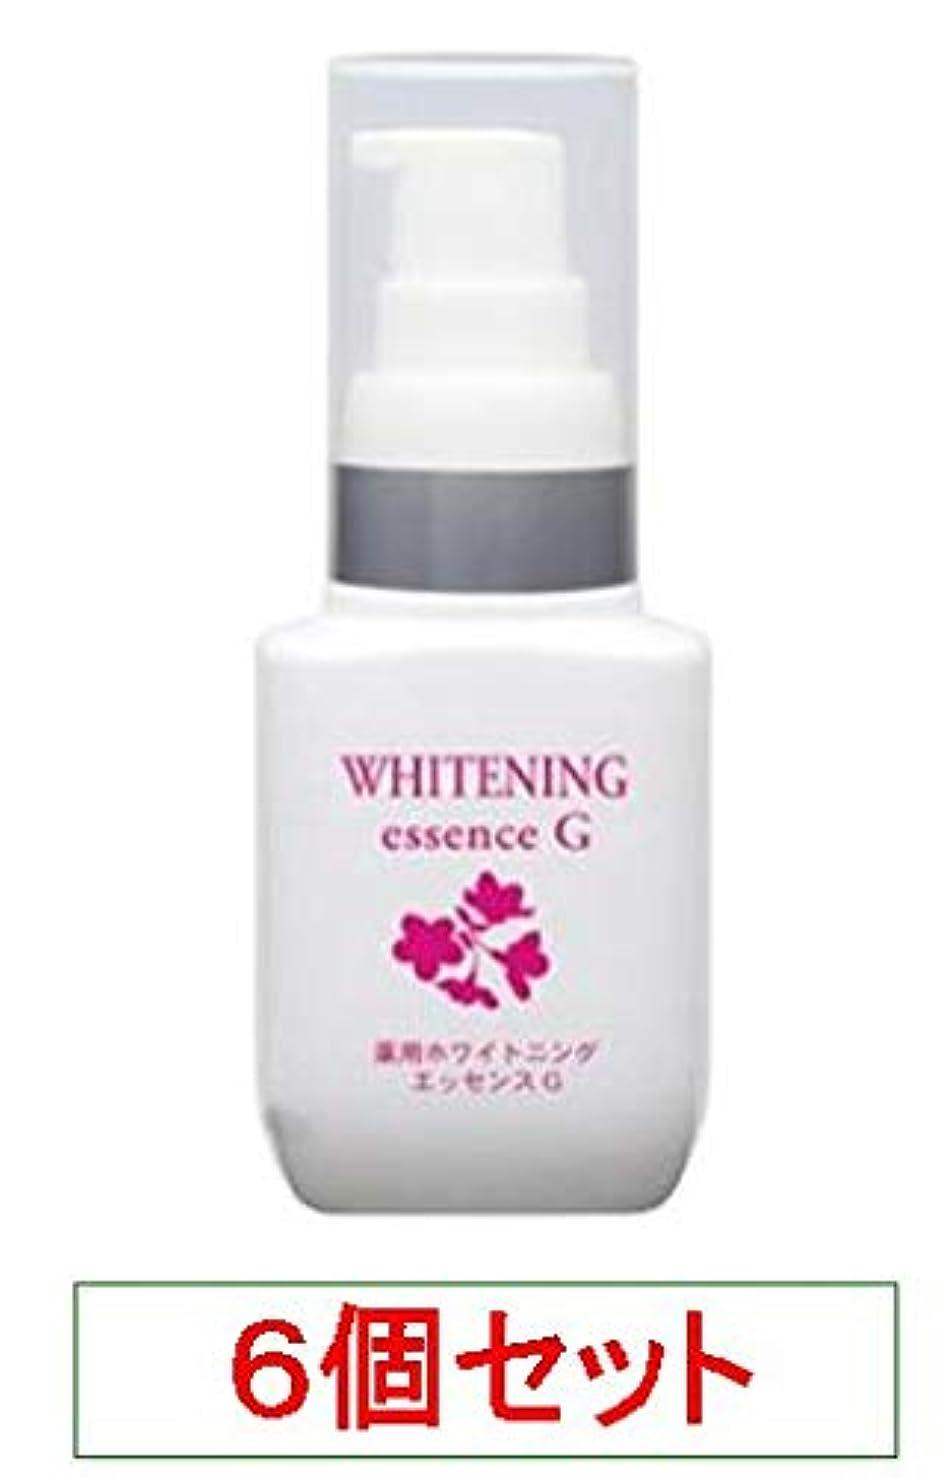 その結果ジョリー自動化ハイム 薬用ホワイトニングエッセンスG 薬用美白美容液 30ml 医薬部外品 X6個セット